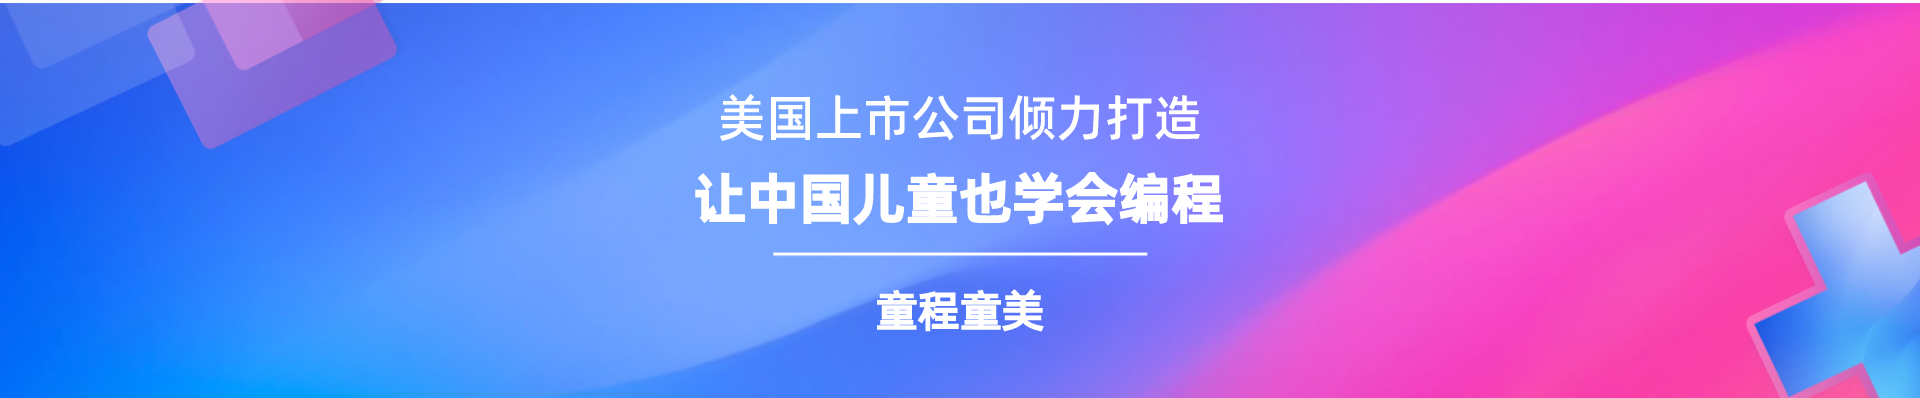 深圳布吉童程童美少儿编程培训